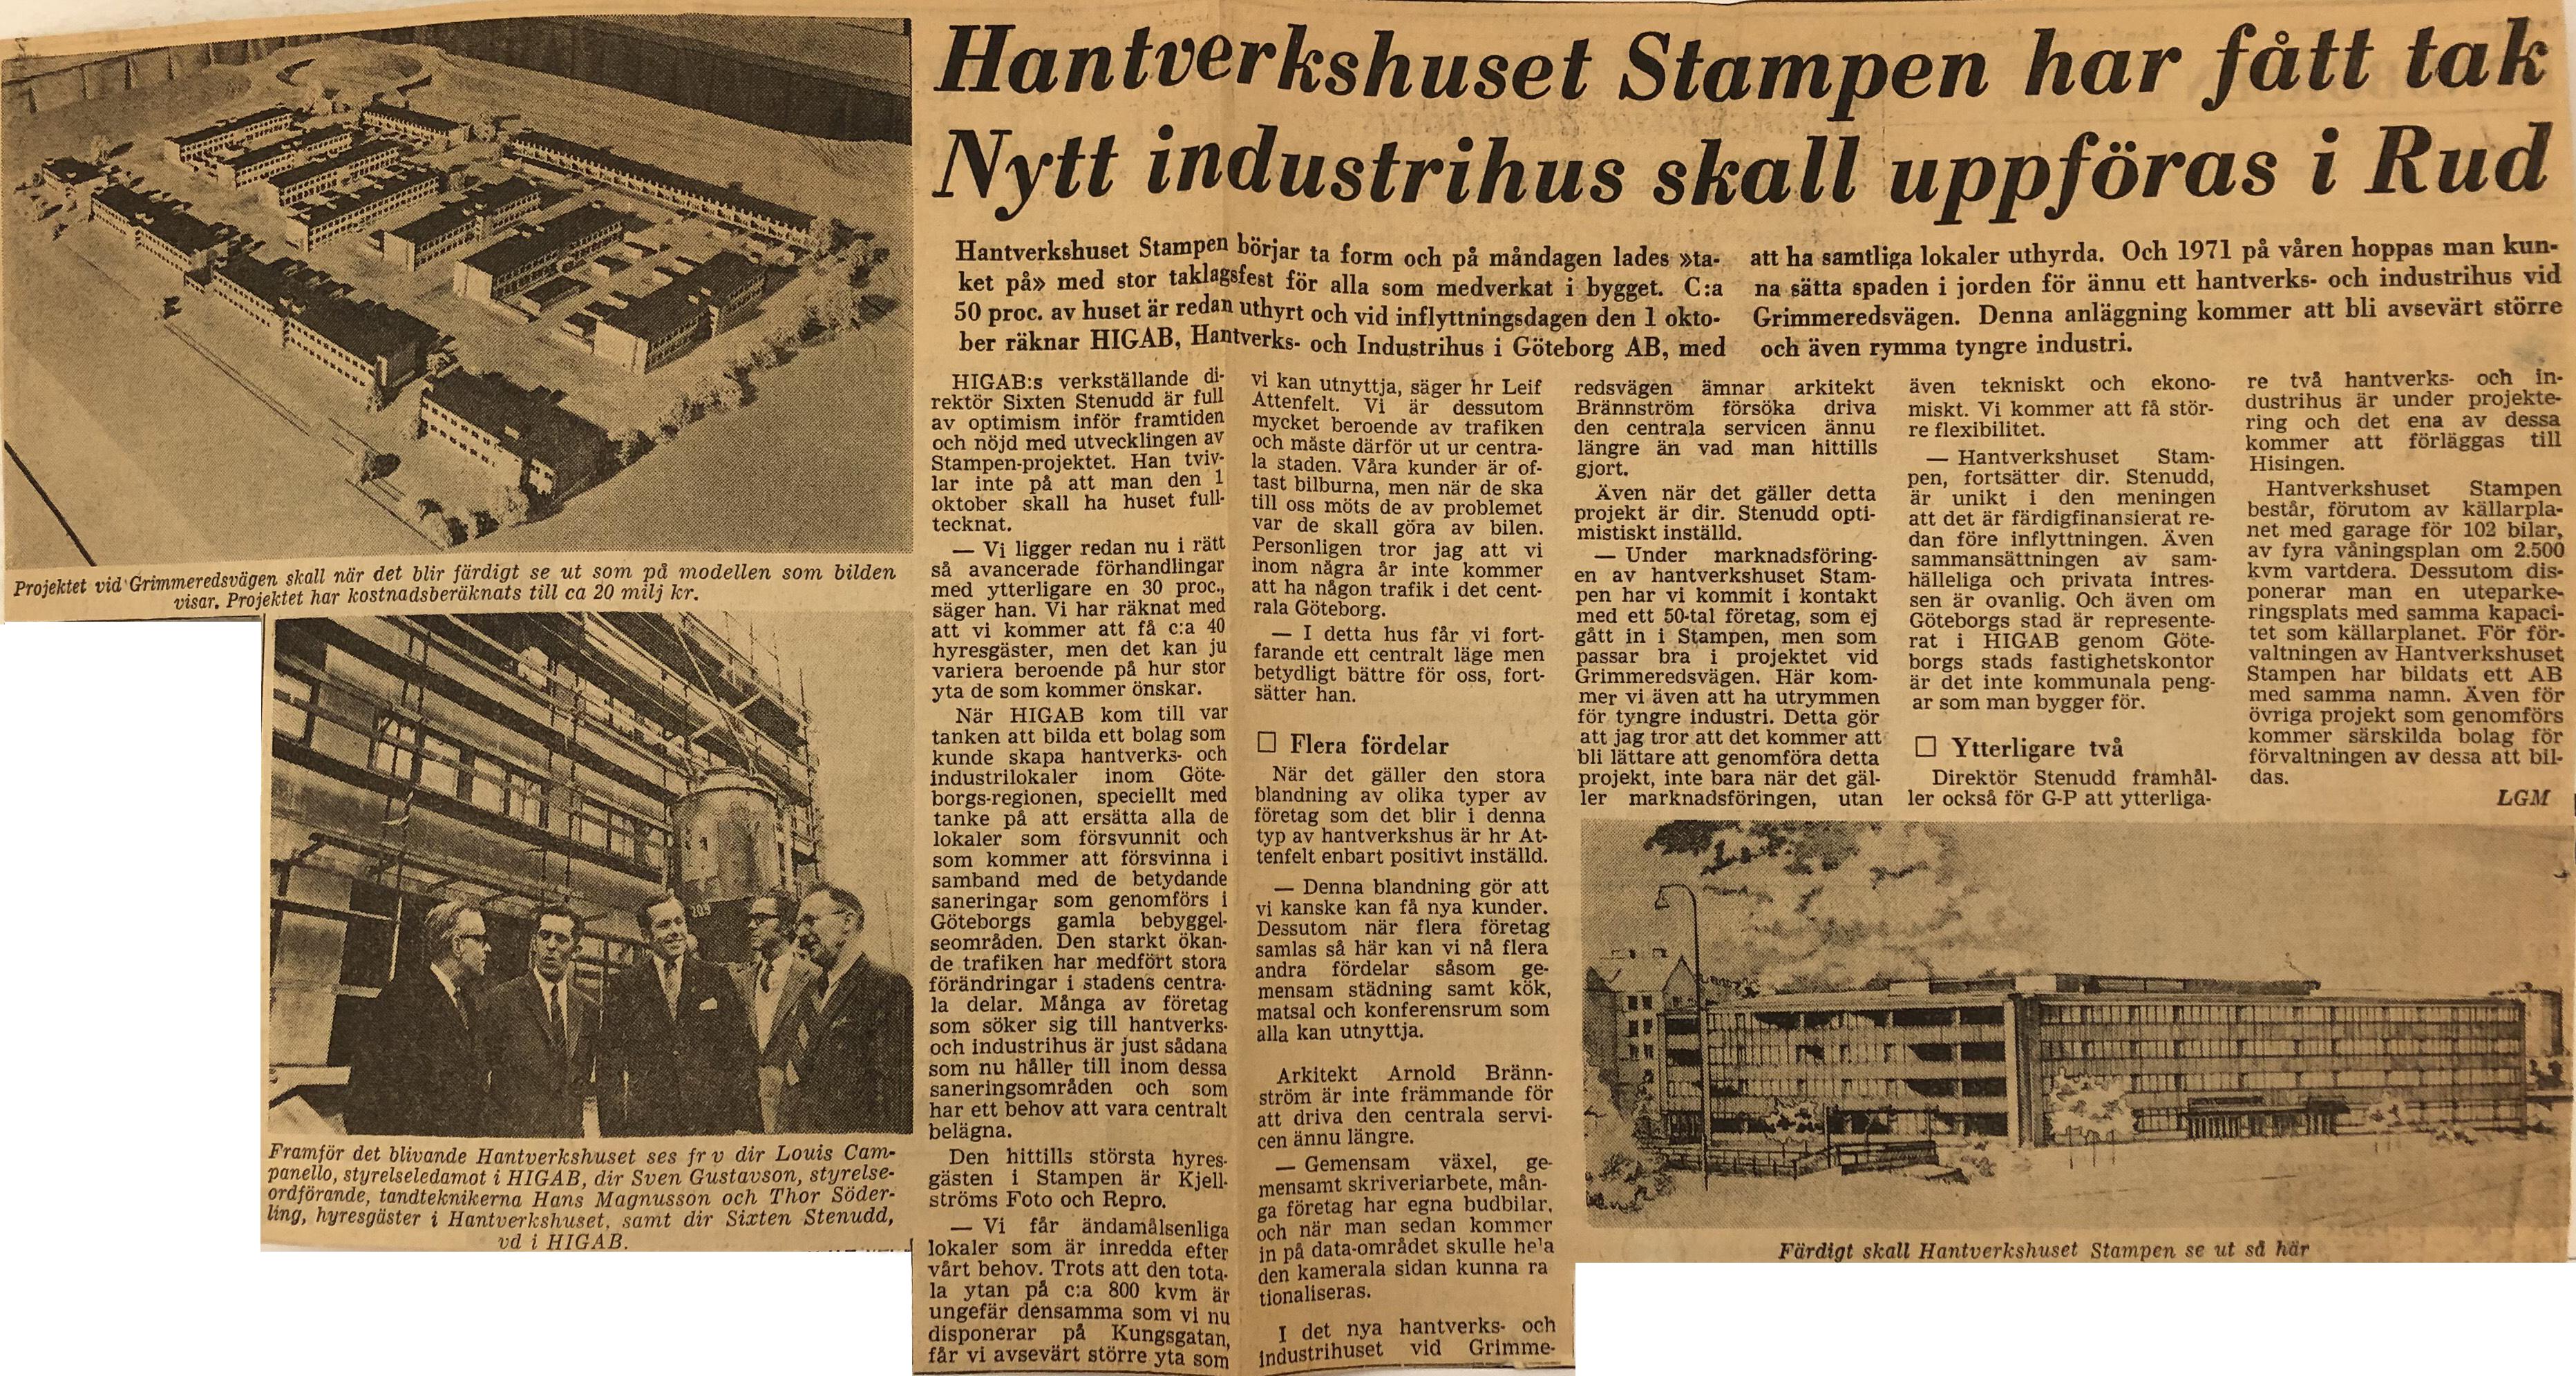 Tidningsklipp ur Göteborgs-Posten 1968 med rubriken Hantverkshuset Stampen har fått tak